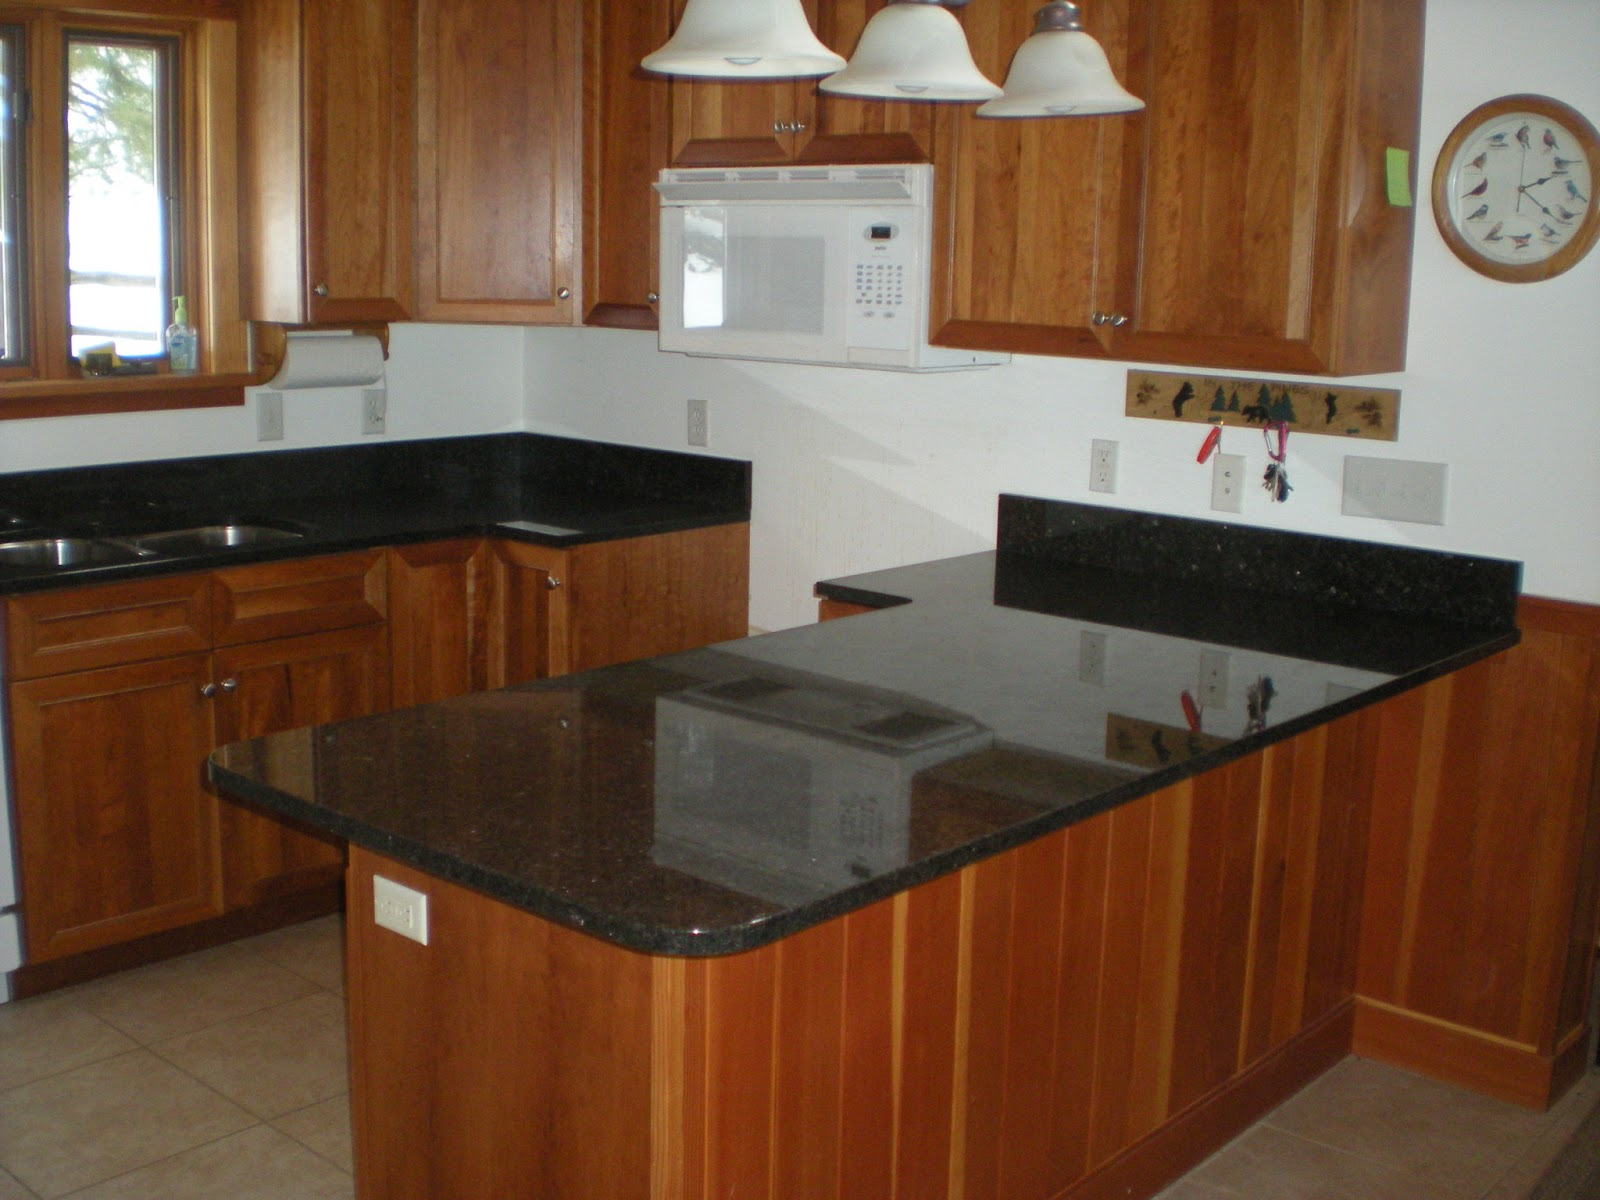 Granite Kitchen Counters Cabinet Installation Cost Black Countertops